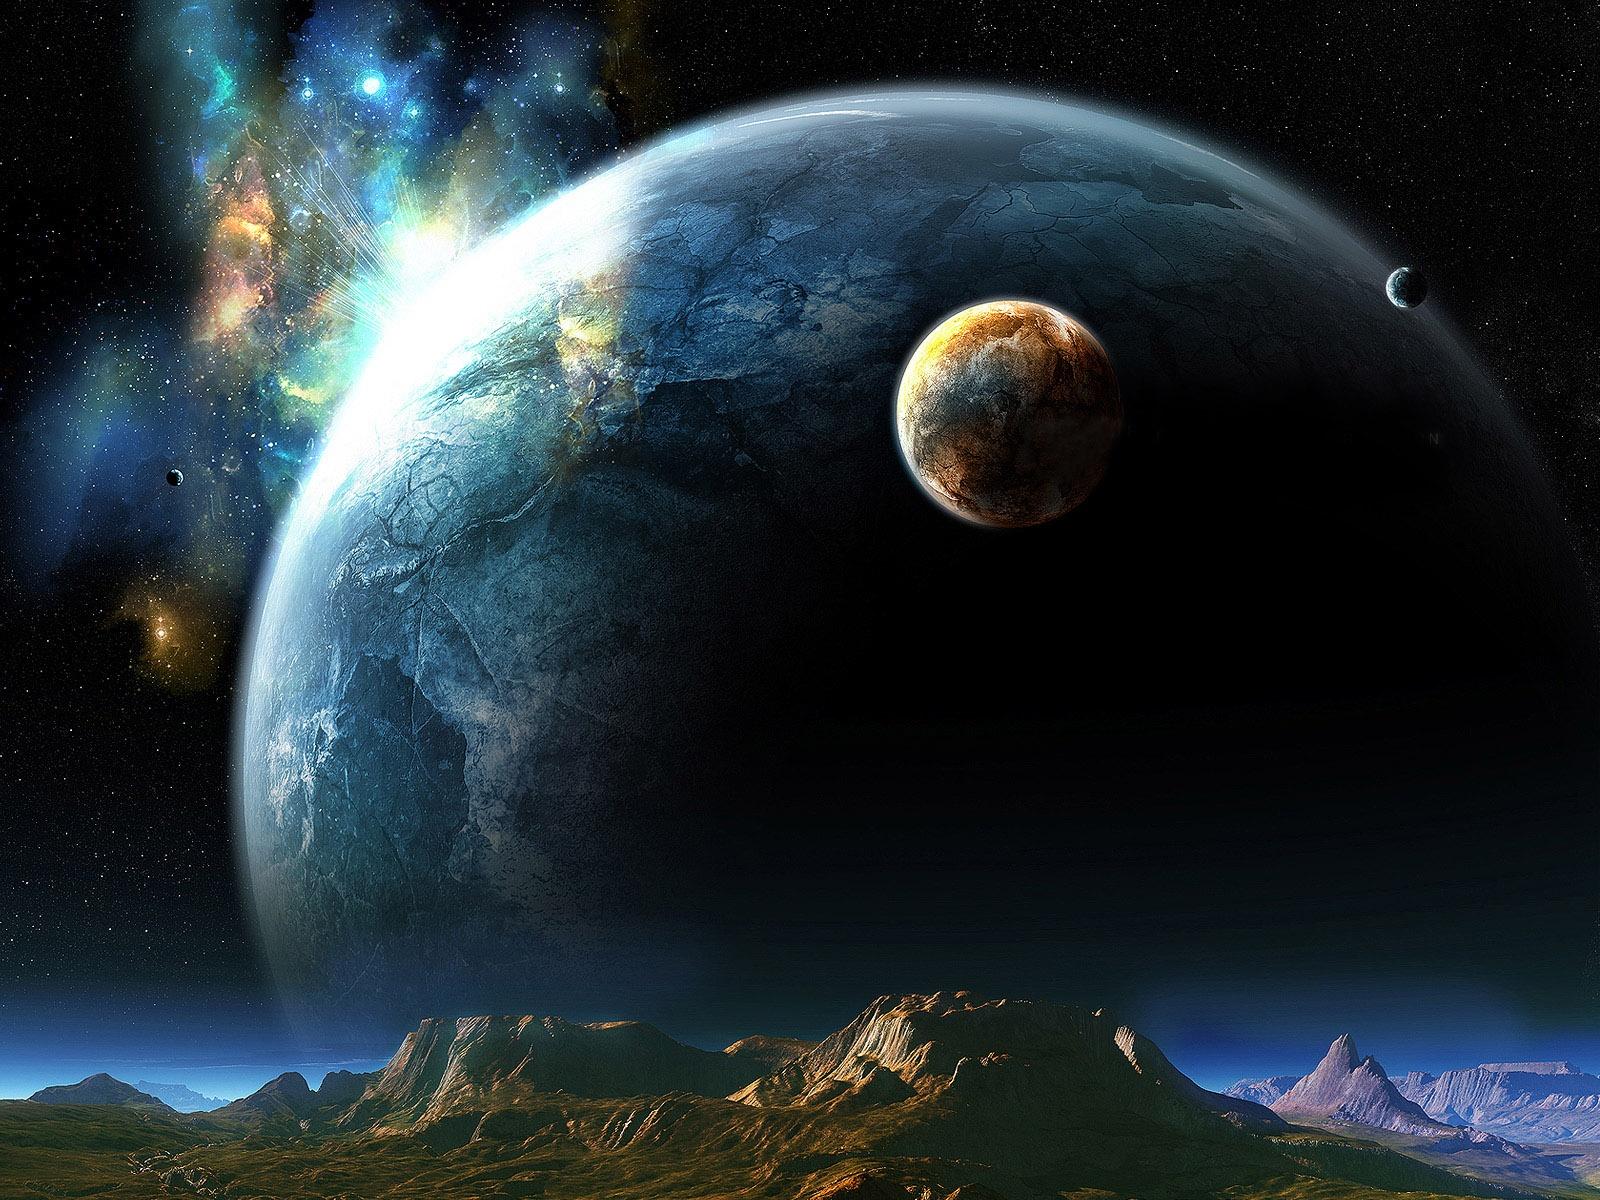 Pubg Wallpaper Hd Desktop Background Images Picture Pics: Planeten Achtergronden